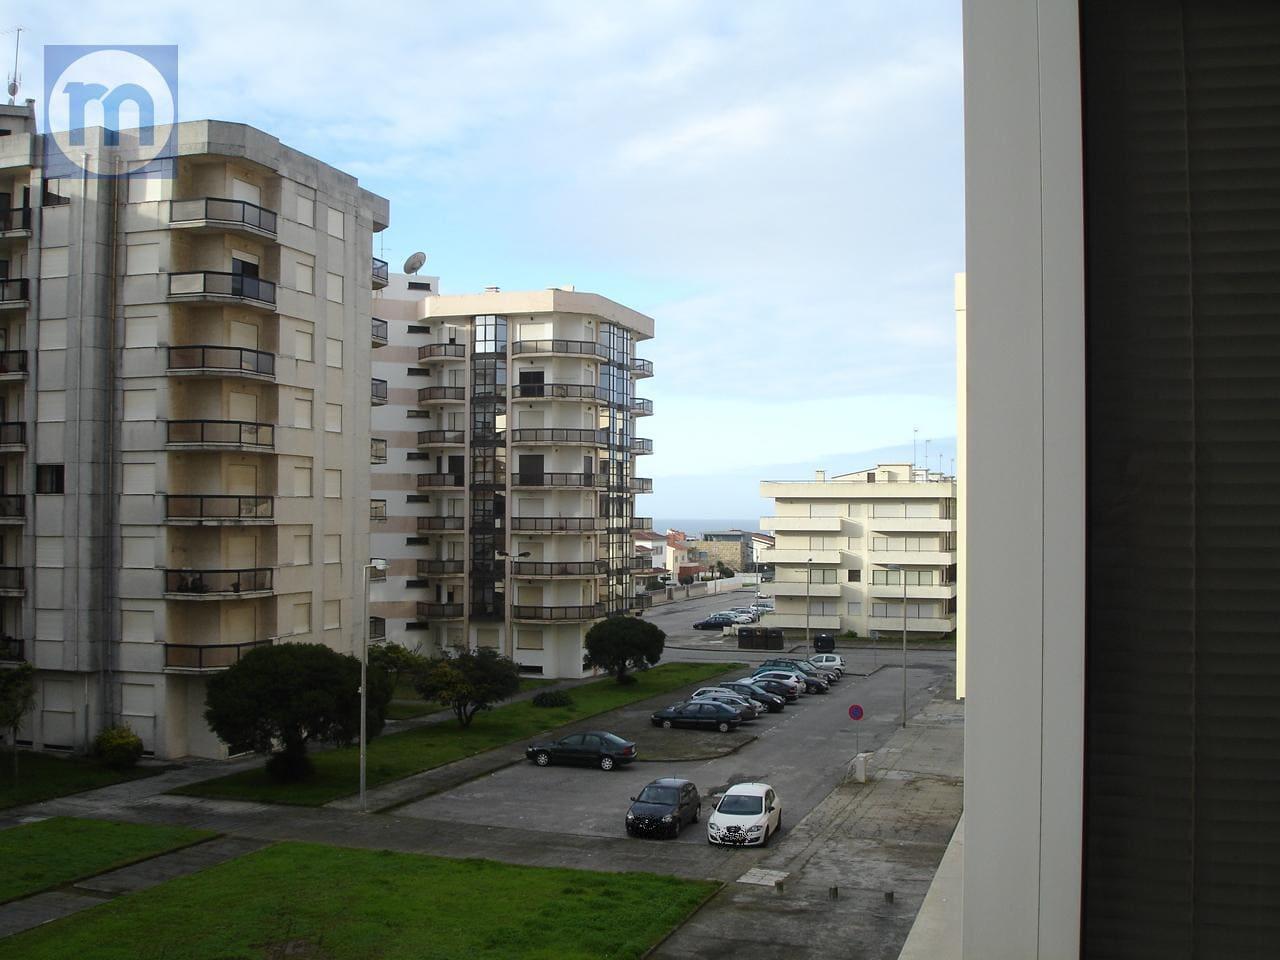 Appartamento 1 Vani Kitchenet